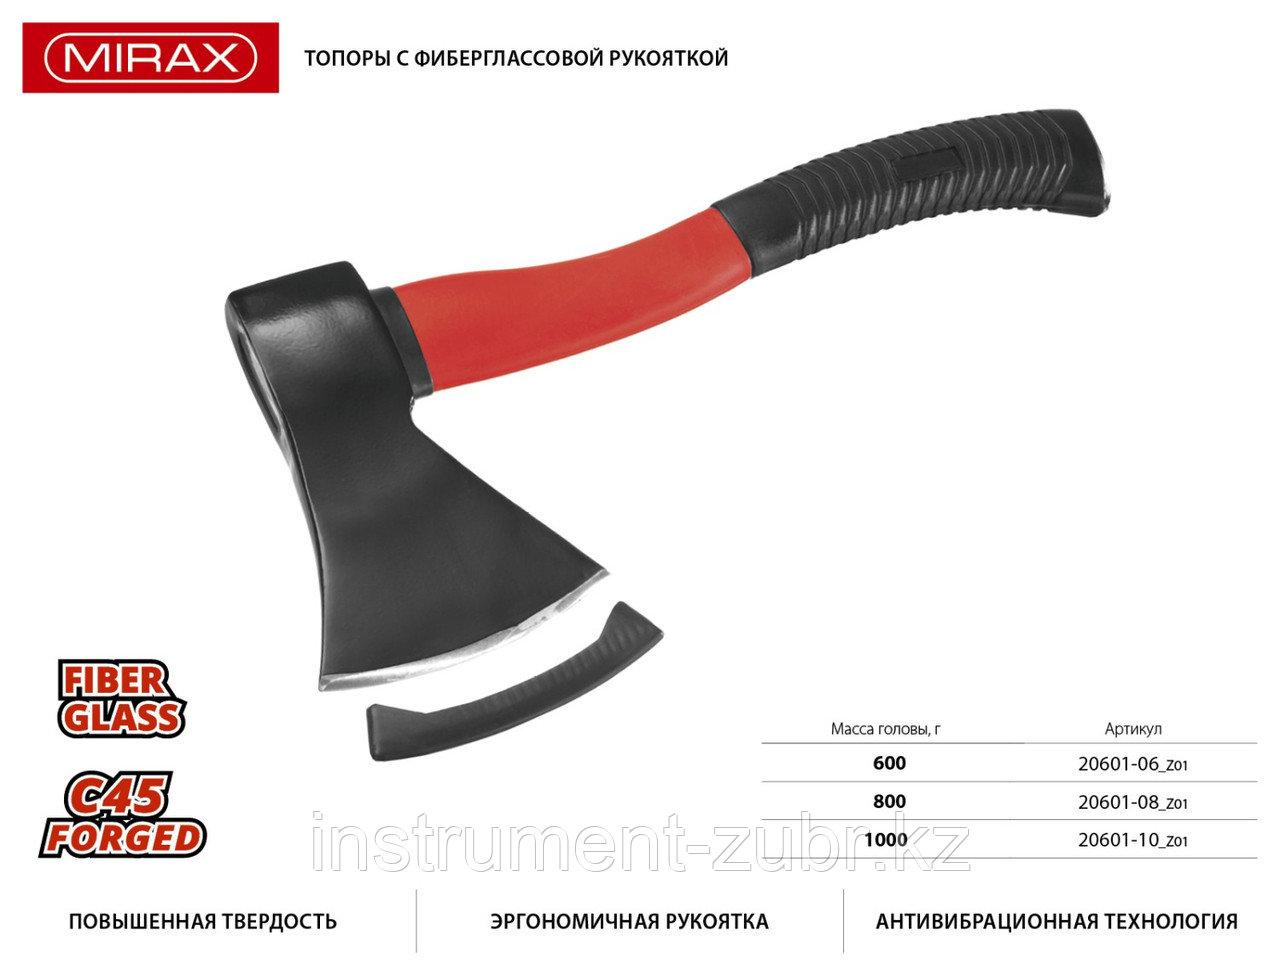 Топор MIRAX со стеклопластиковой обрезиненной рукояткой, 0,8кг